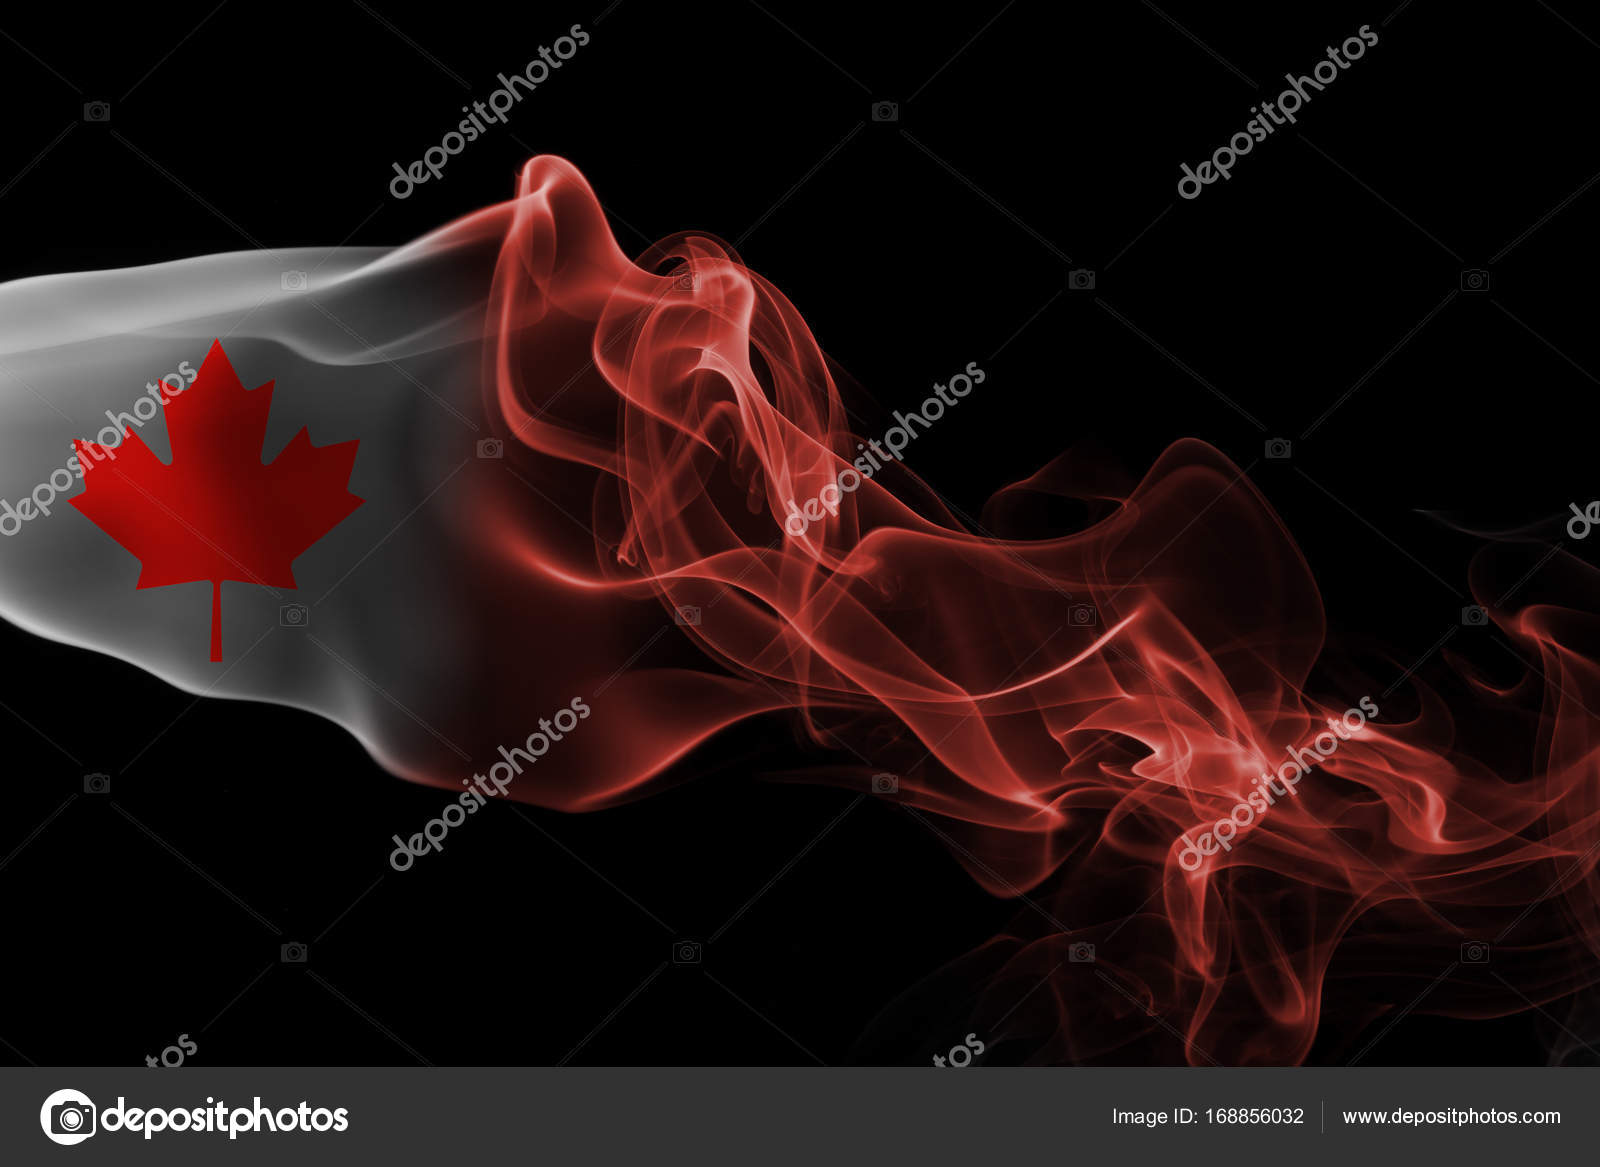 Bandera de humo nacional Canadá — Foto de stock © vladem #168856032